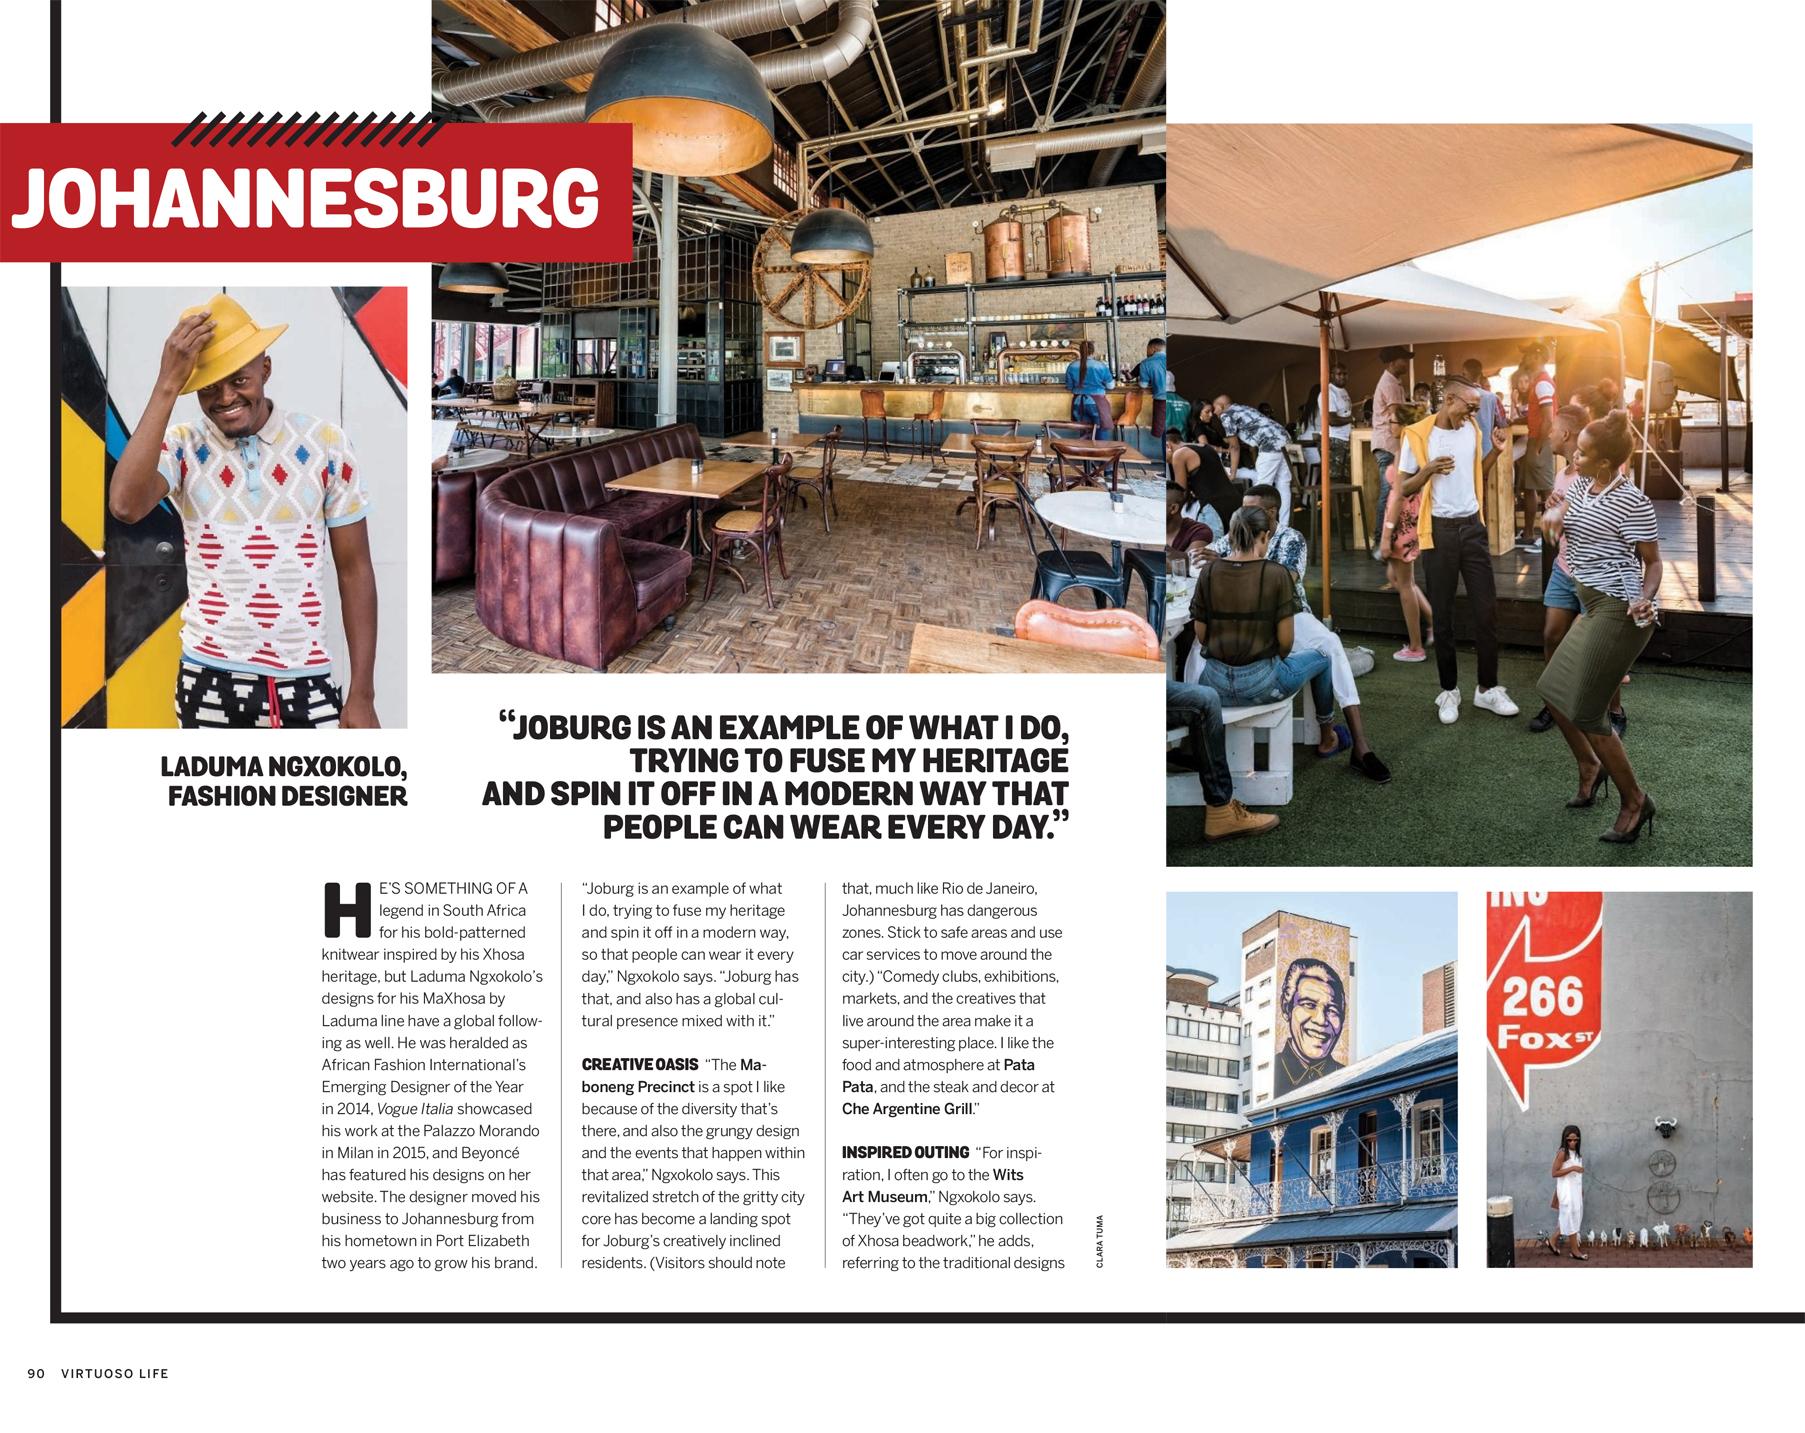 Johannesburg for Virtuoso Life